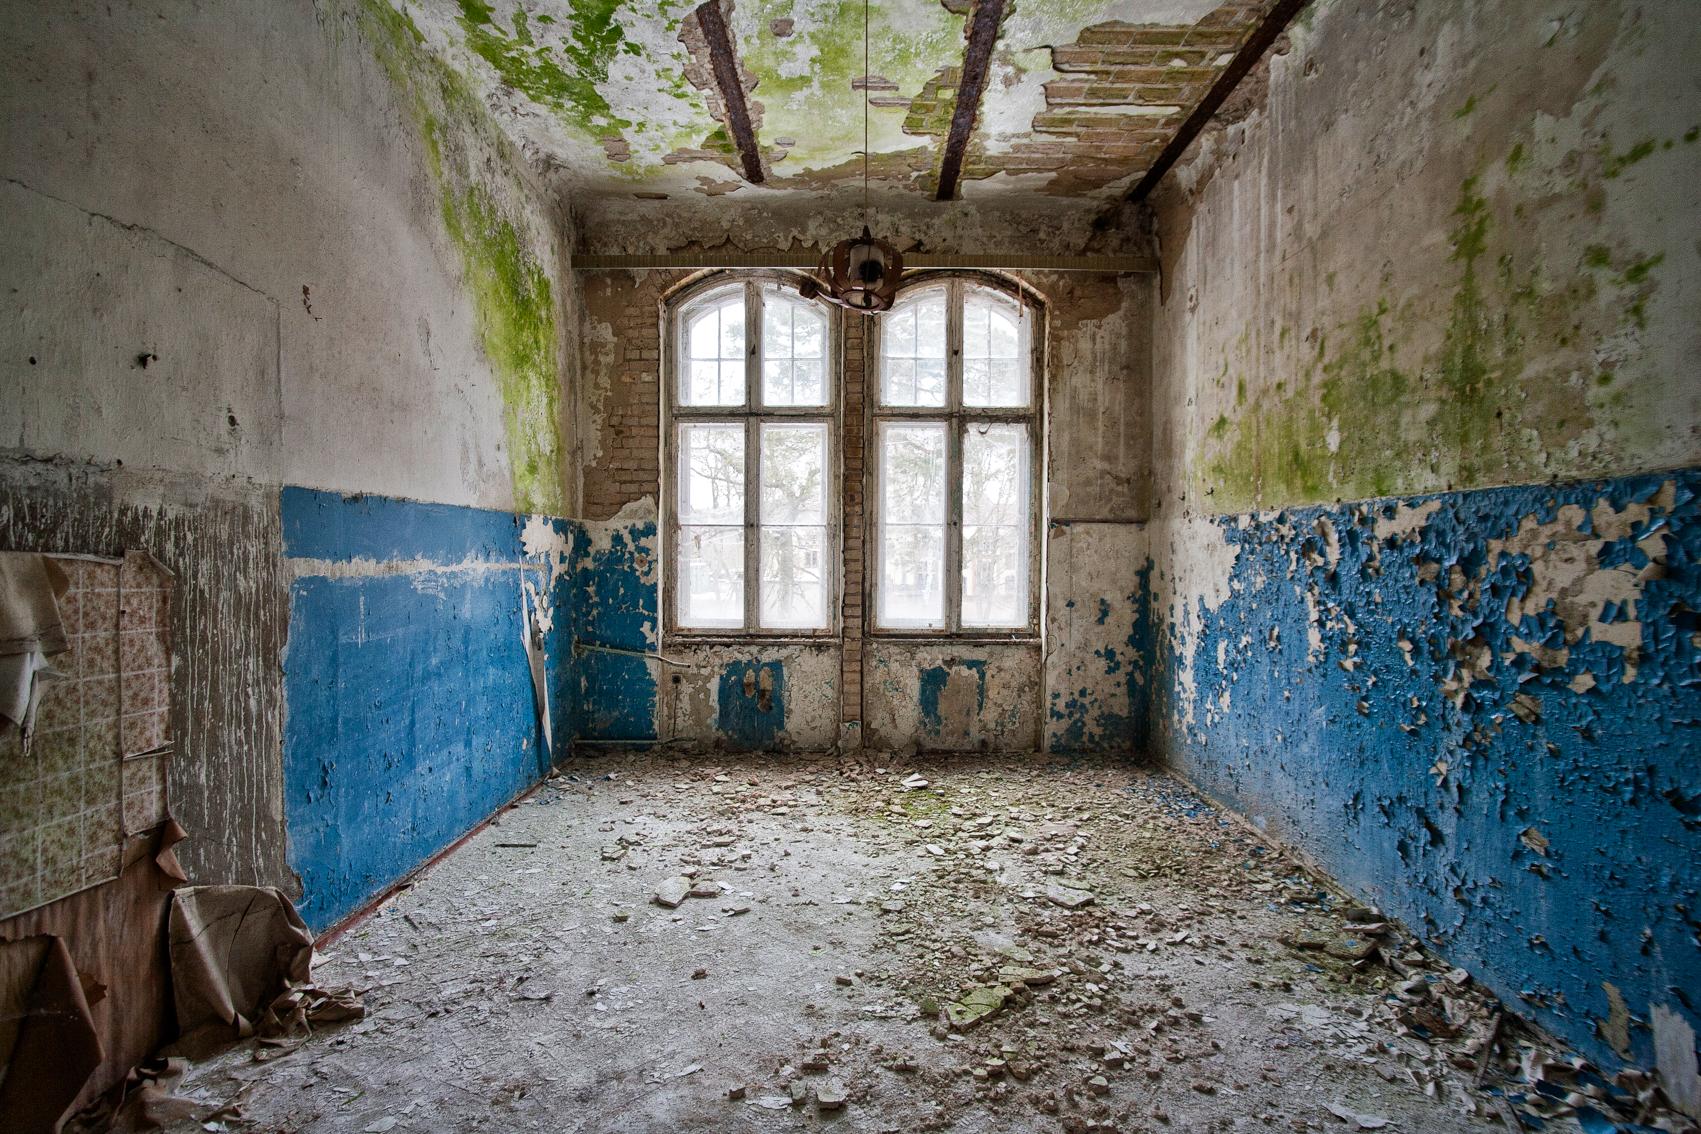 Beelitz_-_Mercier_Baptiste_©_(13)